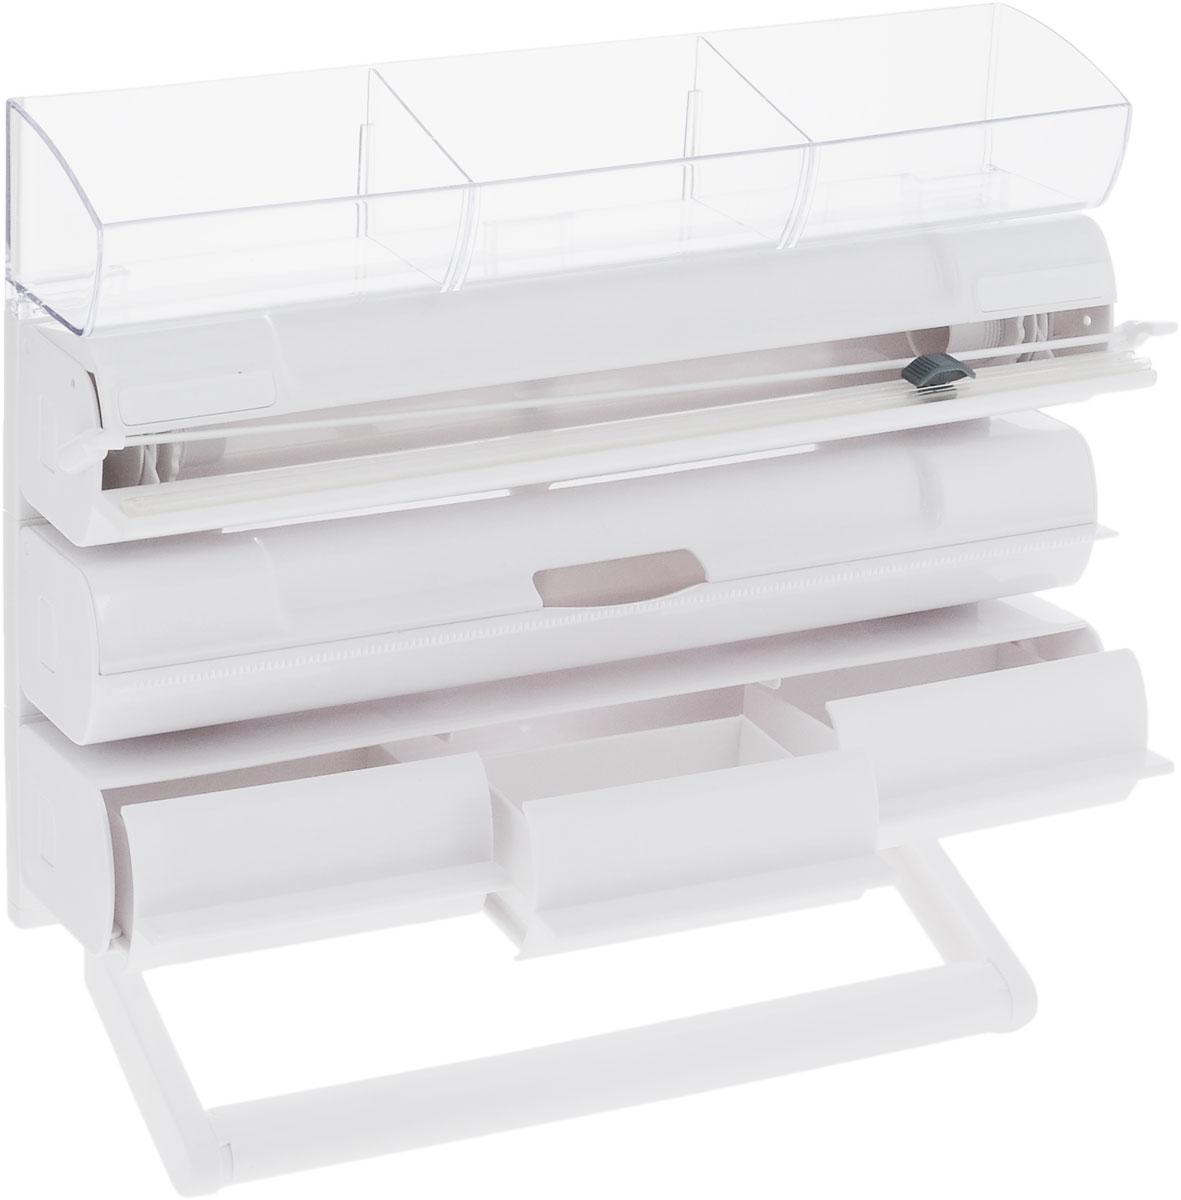 Органайзер кухонный Tescoma On Wall. 5 в 1, 30 х 38,5 х 8,5 смВетерок 2ГФОрганайзер кухонный Tescoma On Wall. 5 в 1 выполнен из высококачественного пластика. Применяется для хранения и использования пищевой пленки, алюминиевой фольги и бумажных полотенец. Размещается на стене. Имеет прозрачную полку с тремя выдвижными ящиками для хранения мелких кухонных принадлежностей. Диспенсеры для пищевой пленки / алюминиевой фольги можно извлечь из органайзера и использовать отдельно. Конец пленки не прилипает к диспенсеру. В комплекте прилагаются инструкции и крепежи.Общий размер органайзера: 30 х 38,5 х 8,5 см.